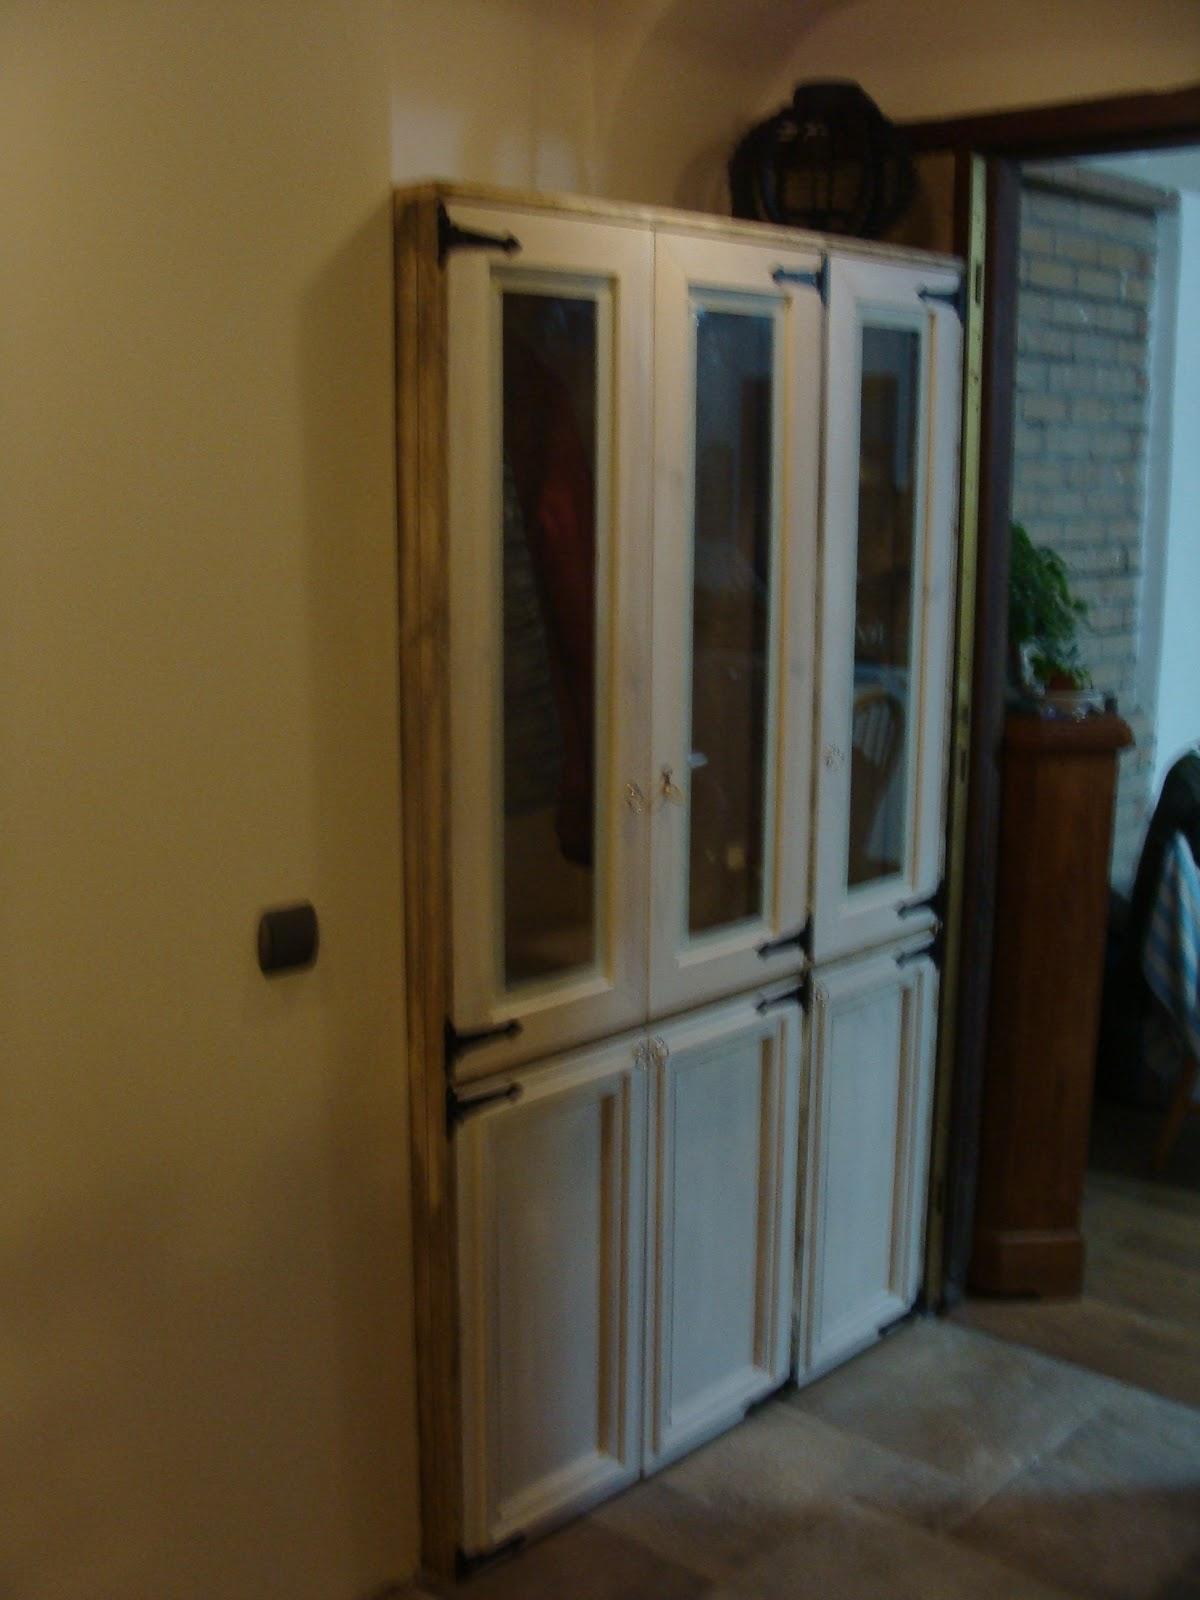 Andocarpinteando armario con materiales reciclados for Reciclado de puertas